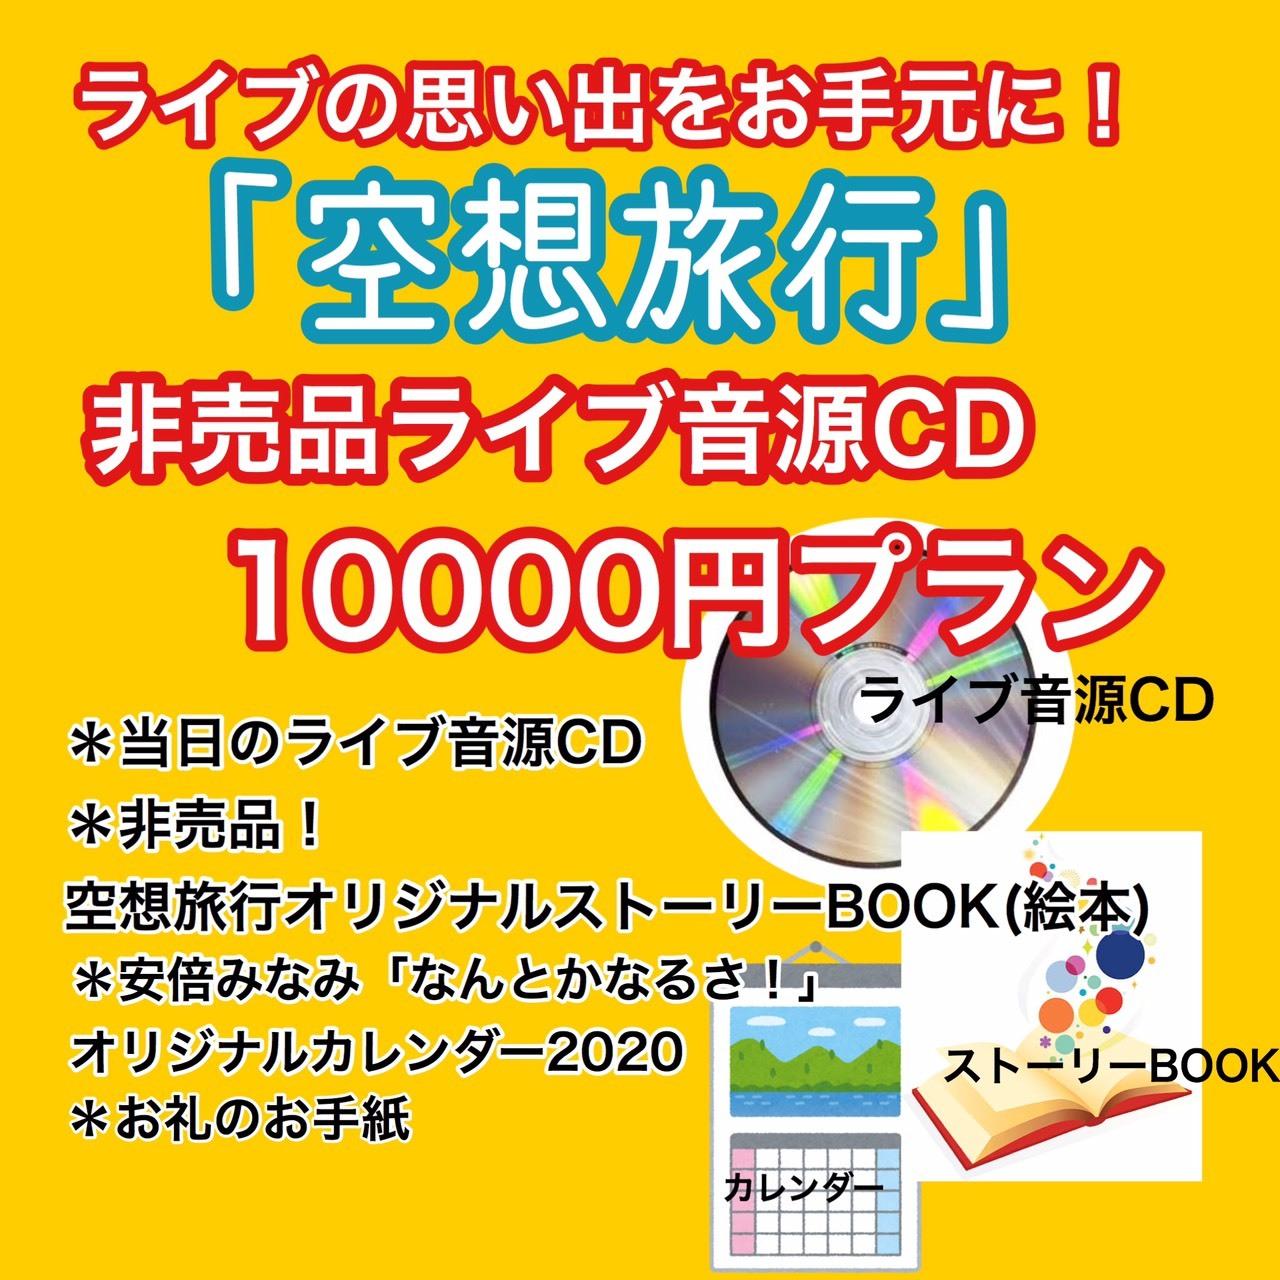 ライブ音源CD+カレンダー+オリジナルストーリーBOOKプラン